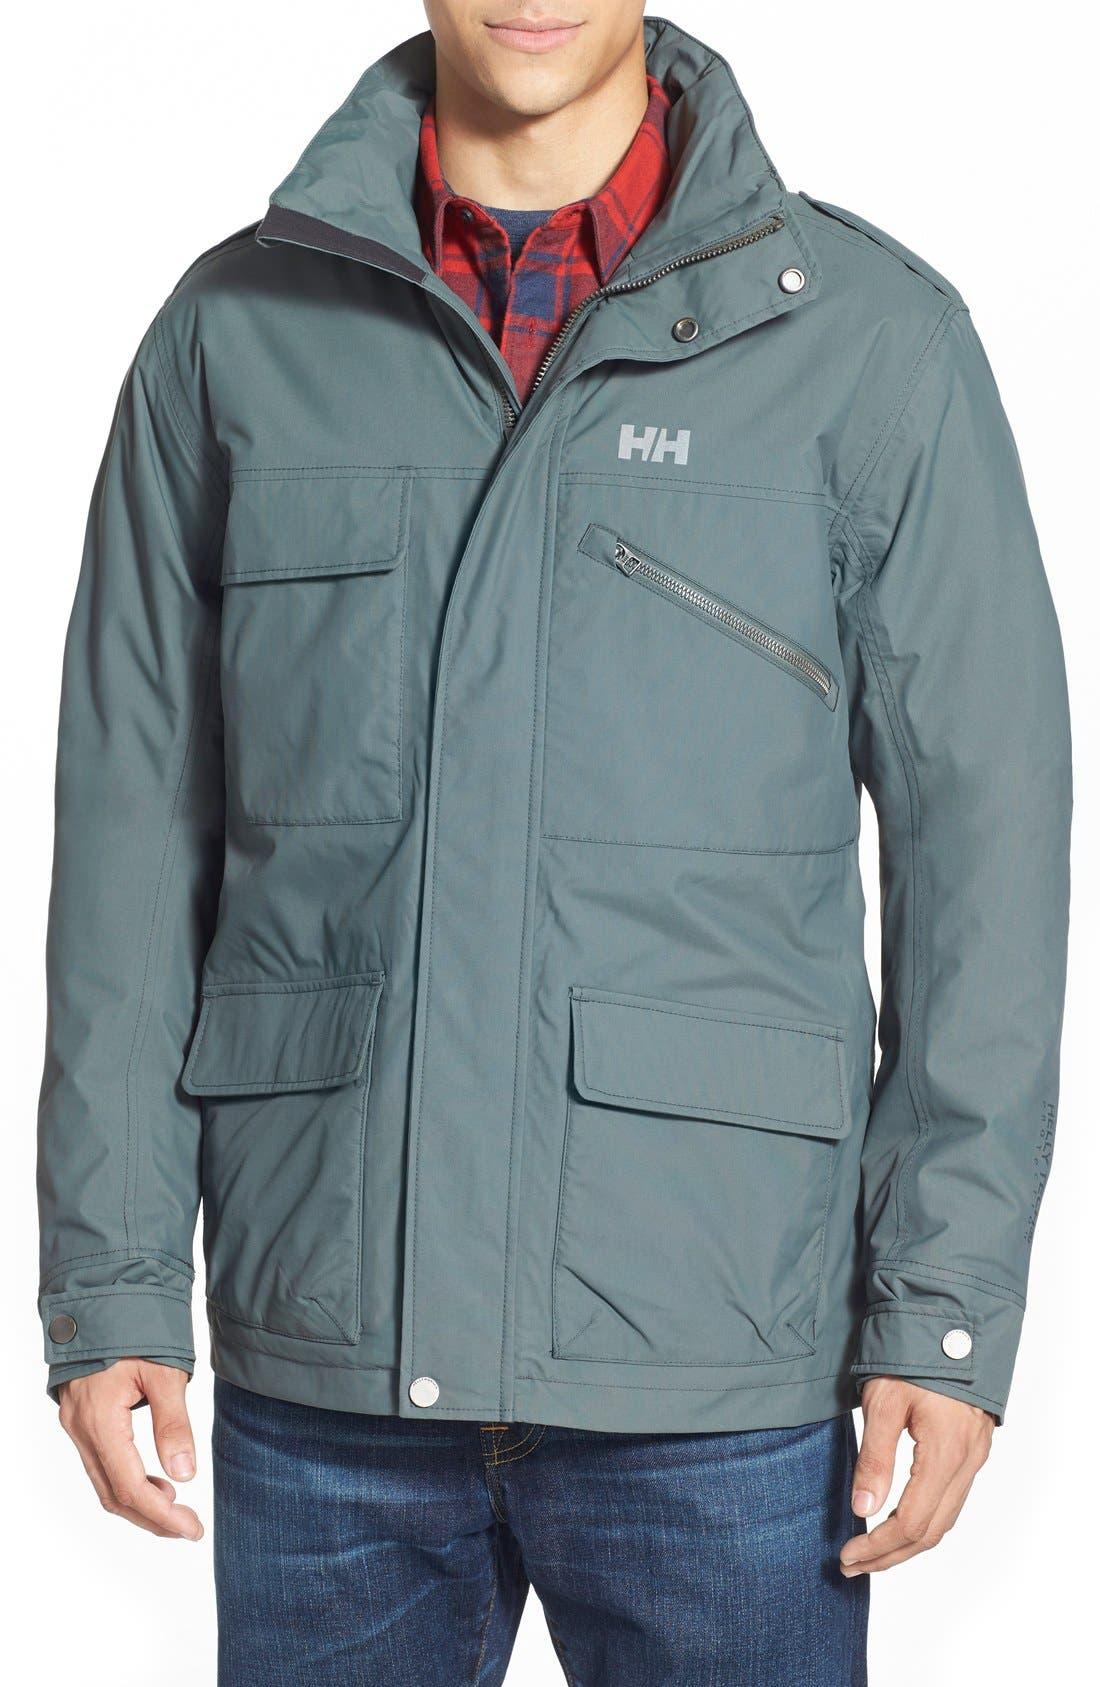 HellyHansen 'Universal' MotoRain Jacket,                             Main thumbnail 1, color,                             080